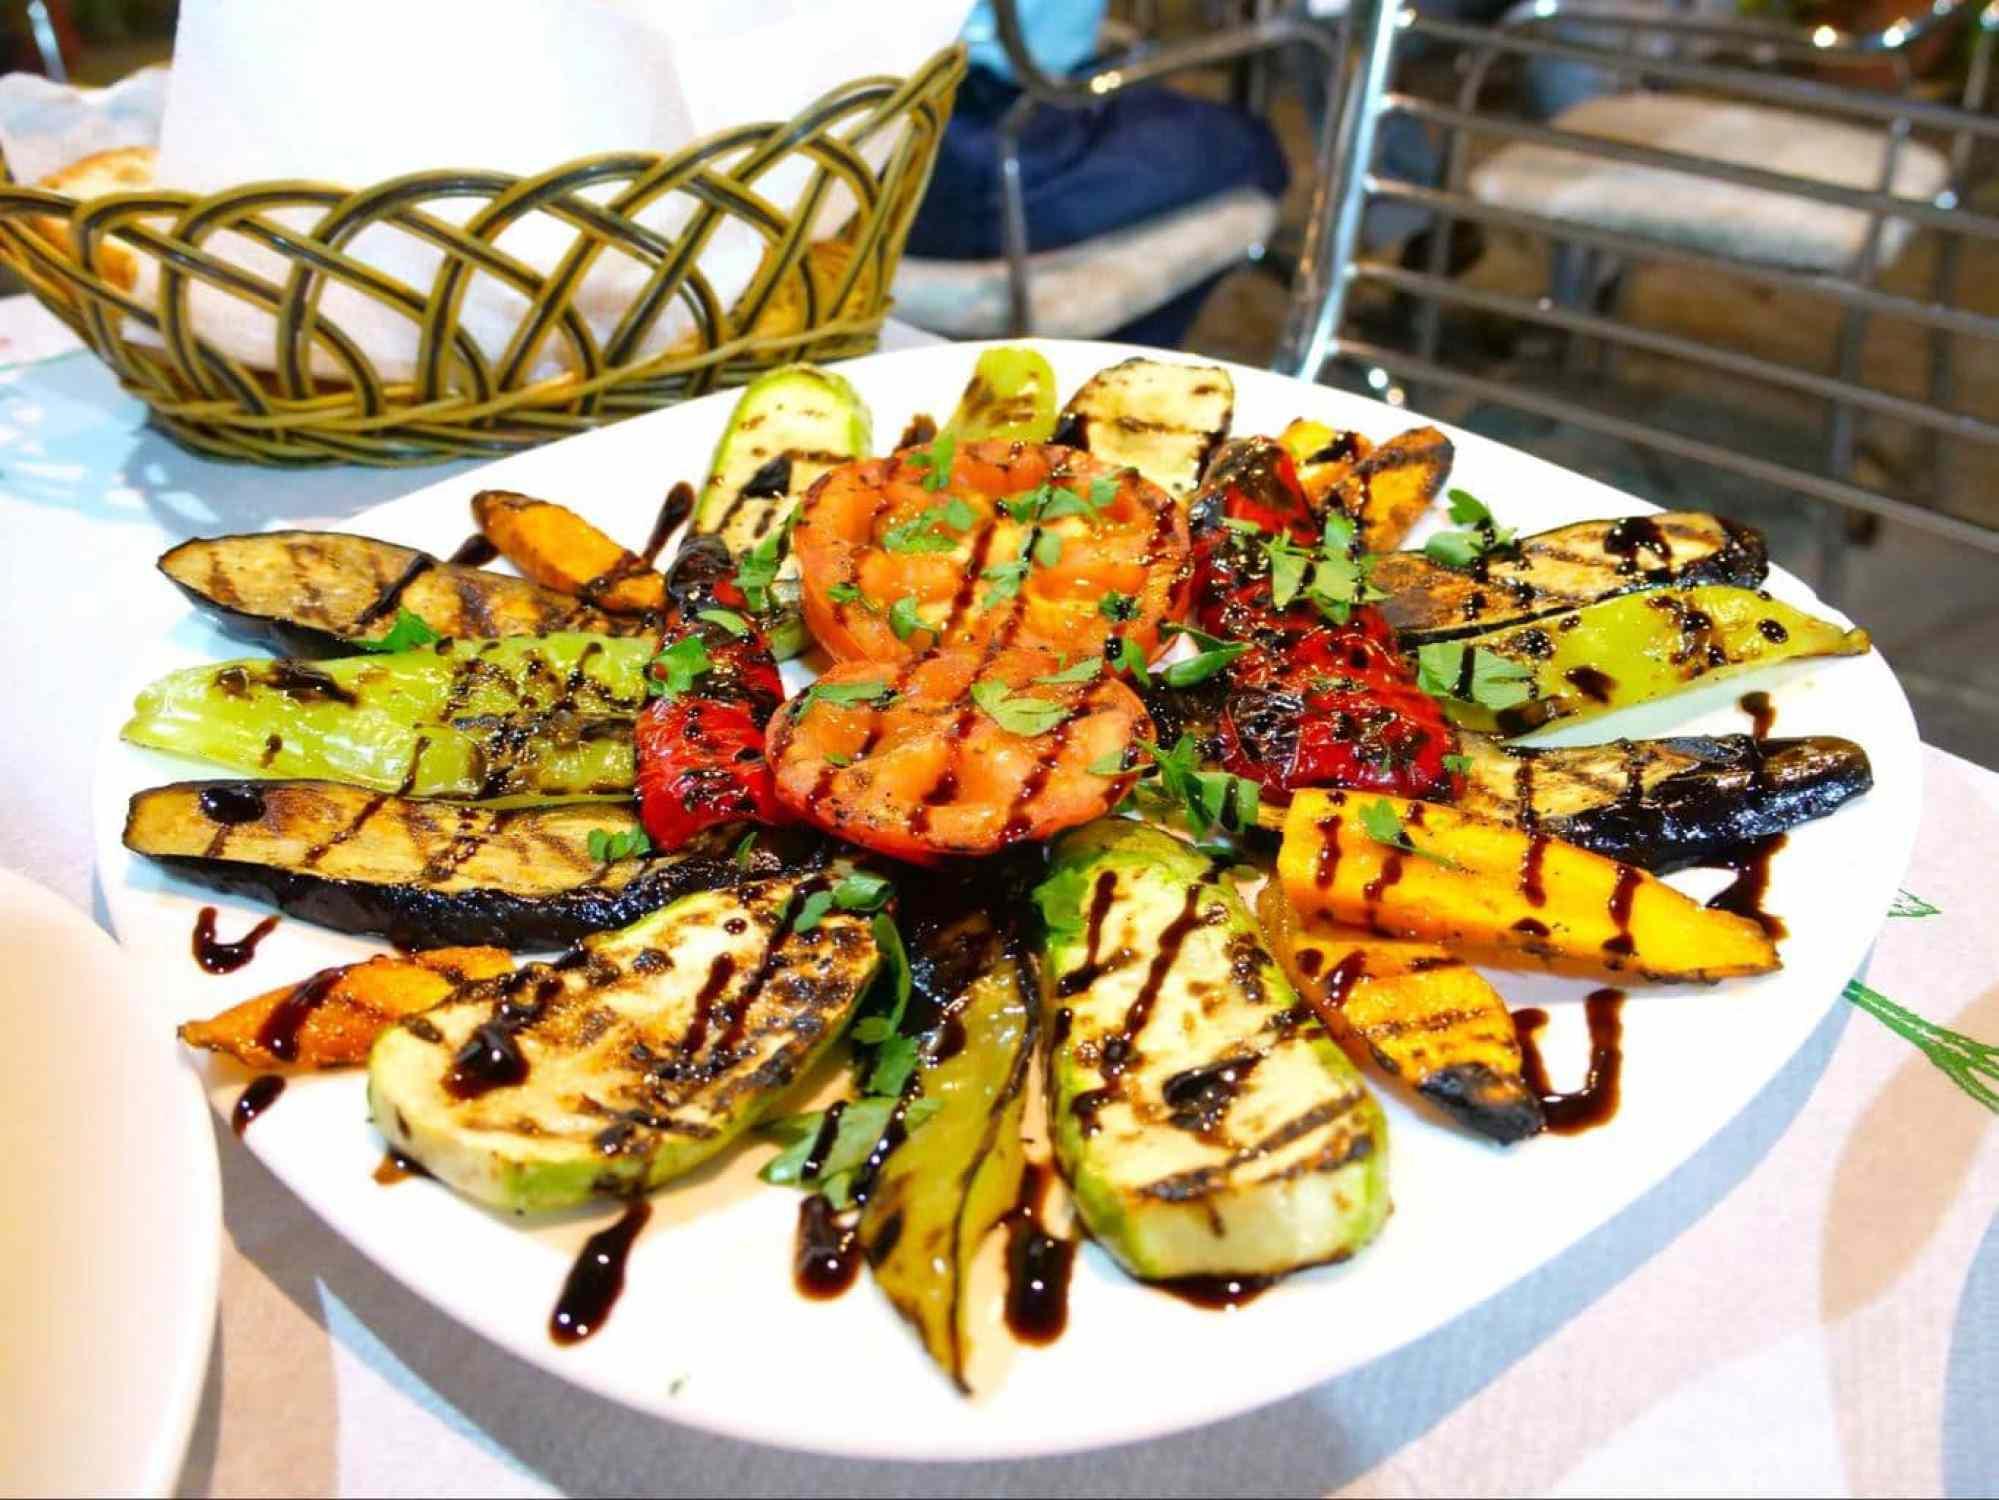 Perime në Zgarë, grilled vegetables with balsamic vinegar